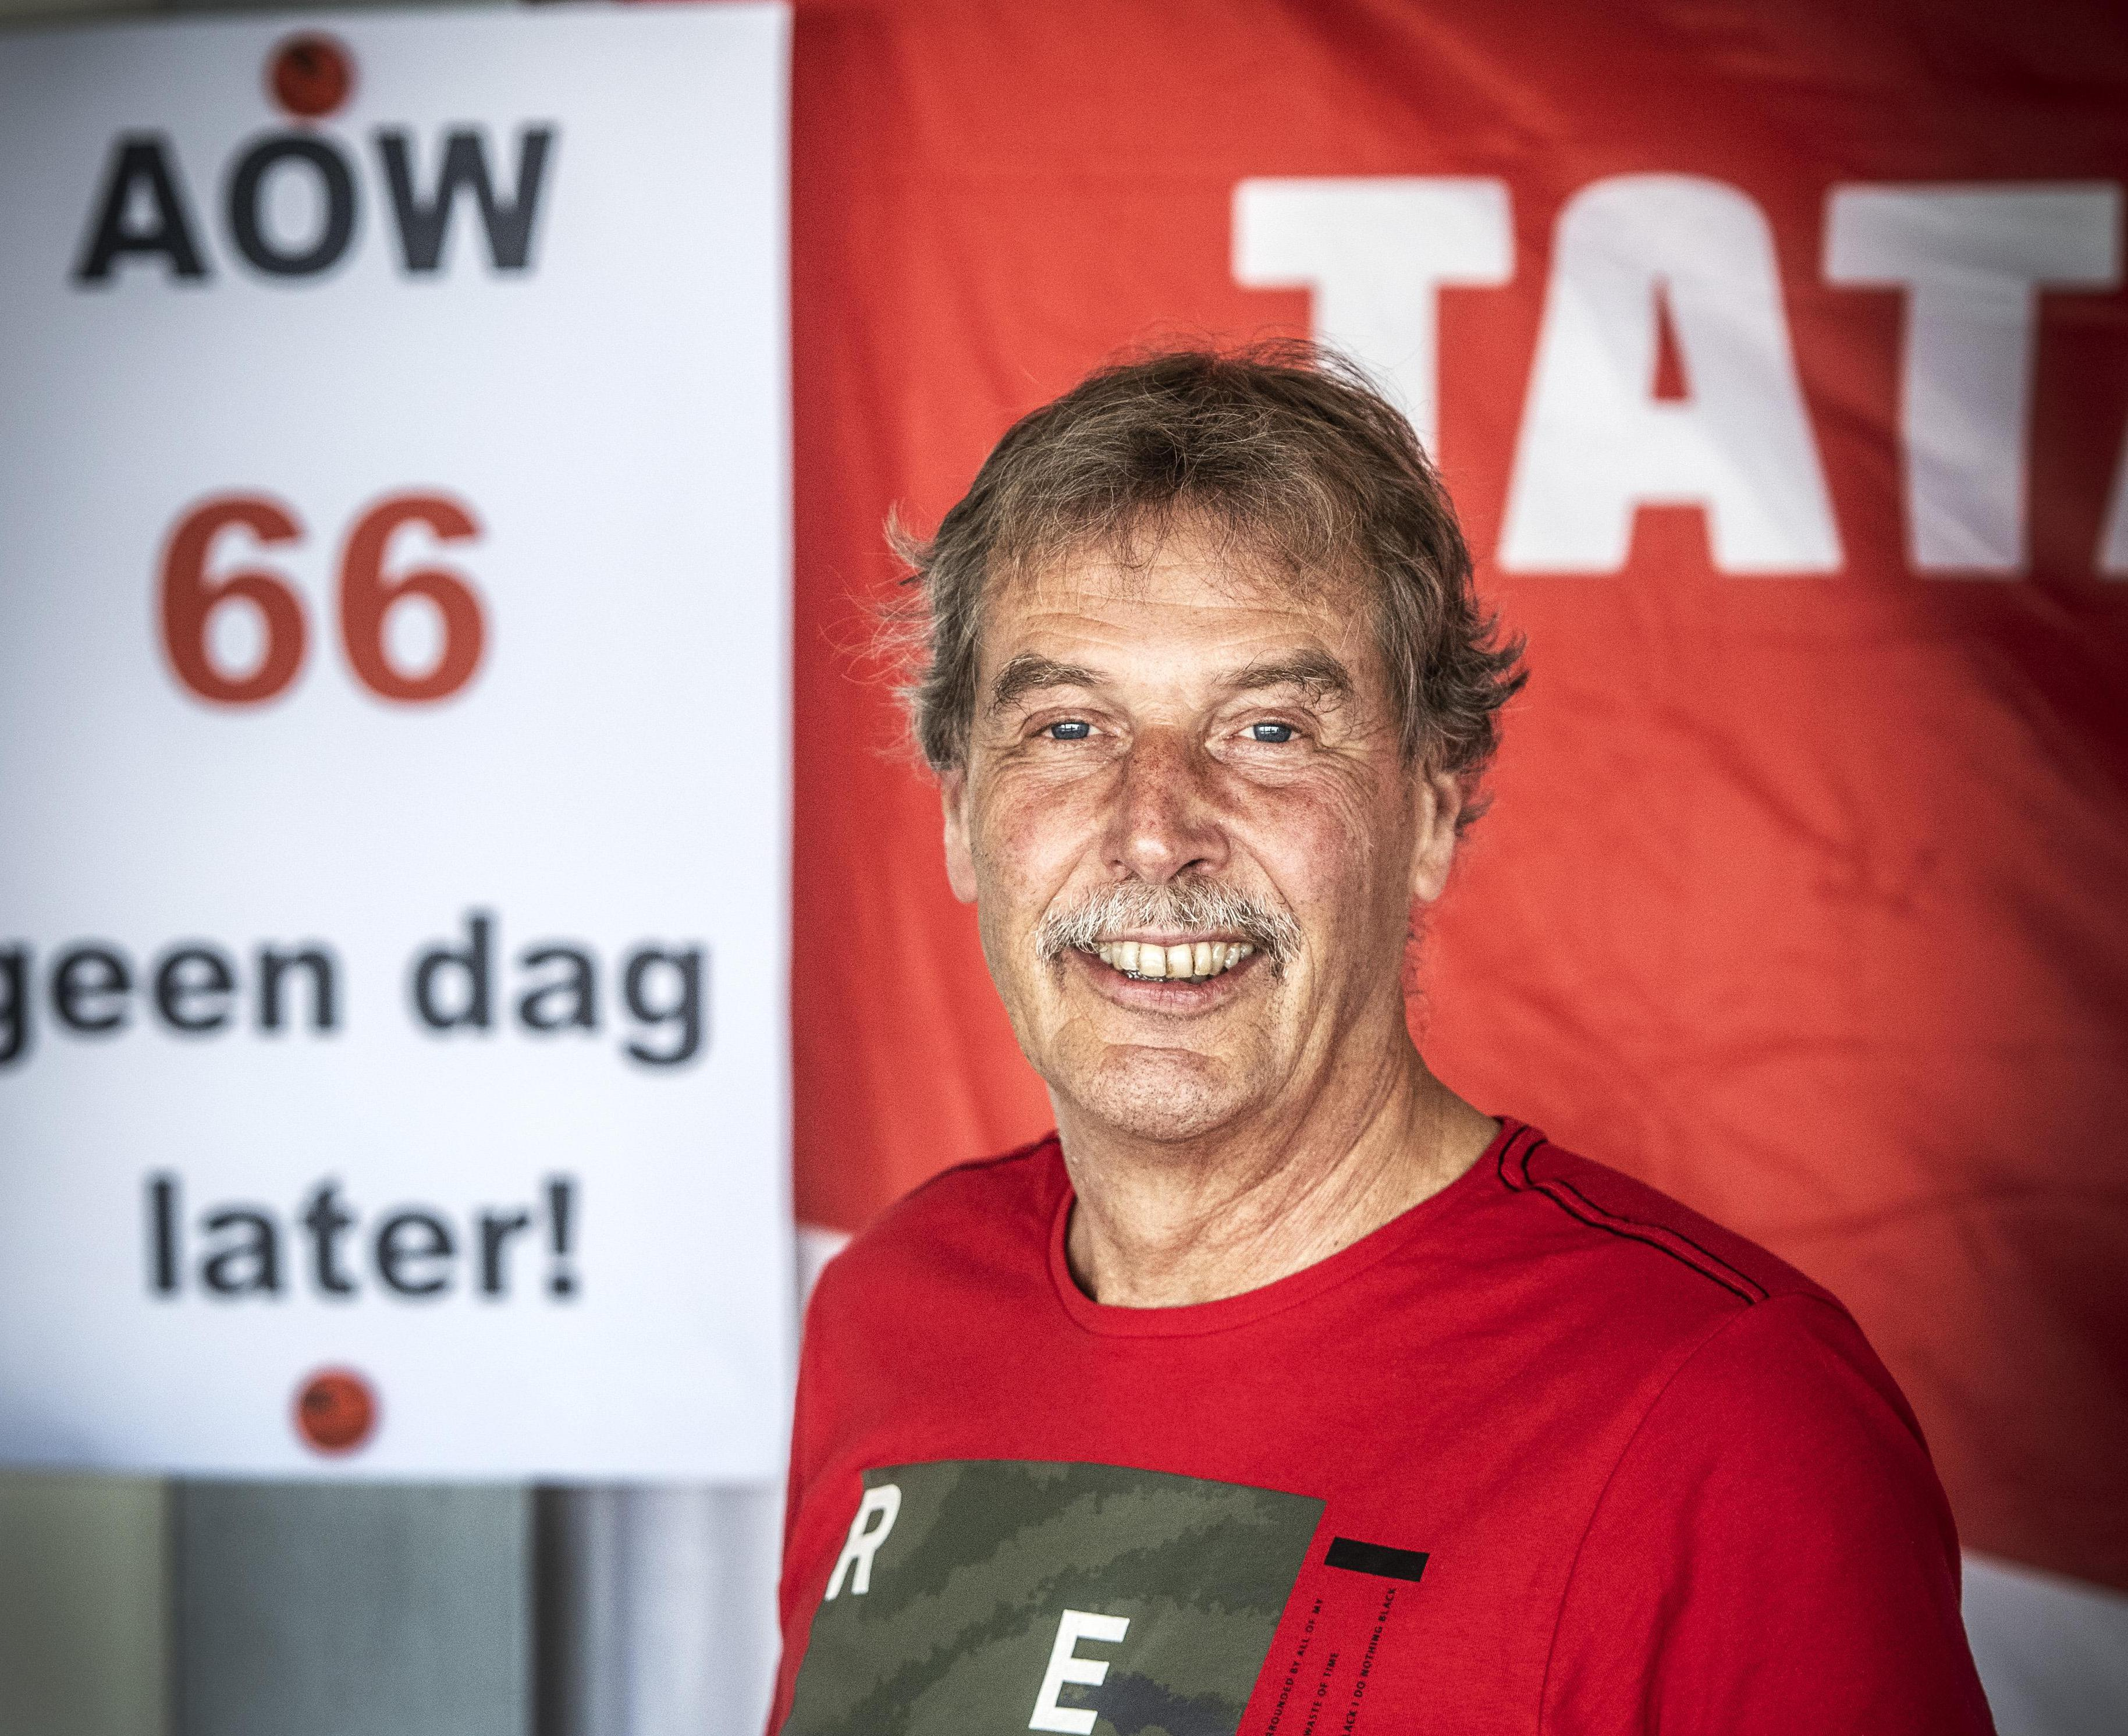 Vakbondsleider Aad in 't Veld is met pensioen bij Tata Steel. Nét voor de eerste hoogovenstaking sinds 28 jaar